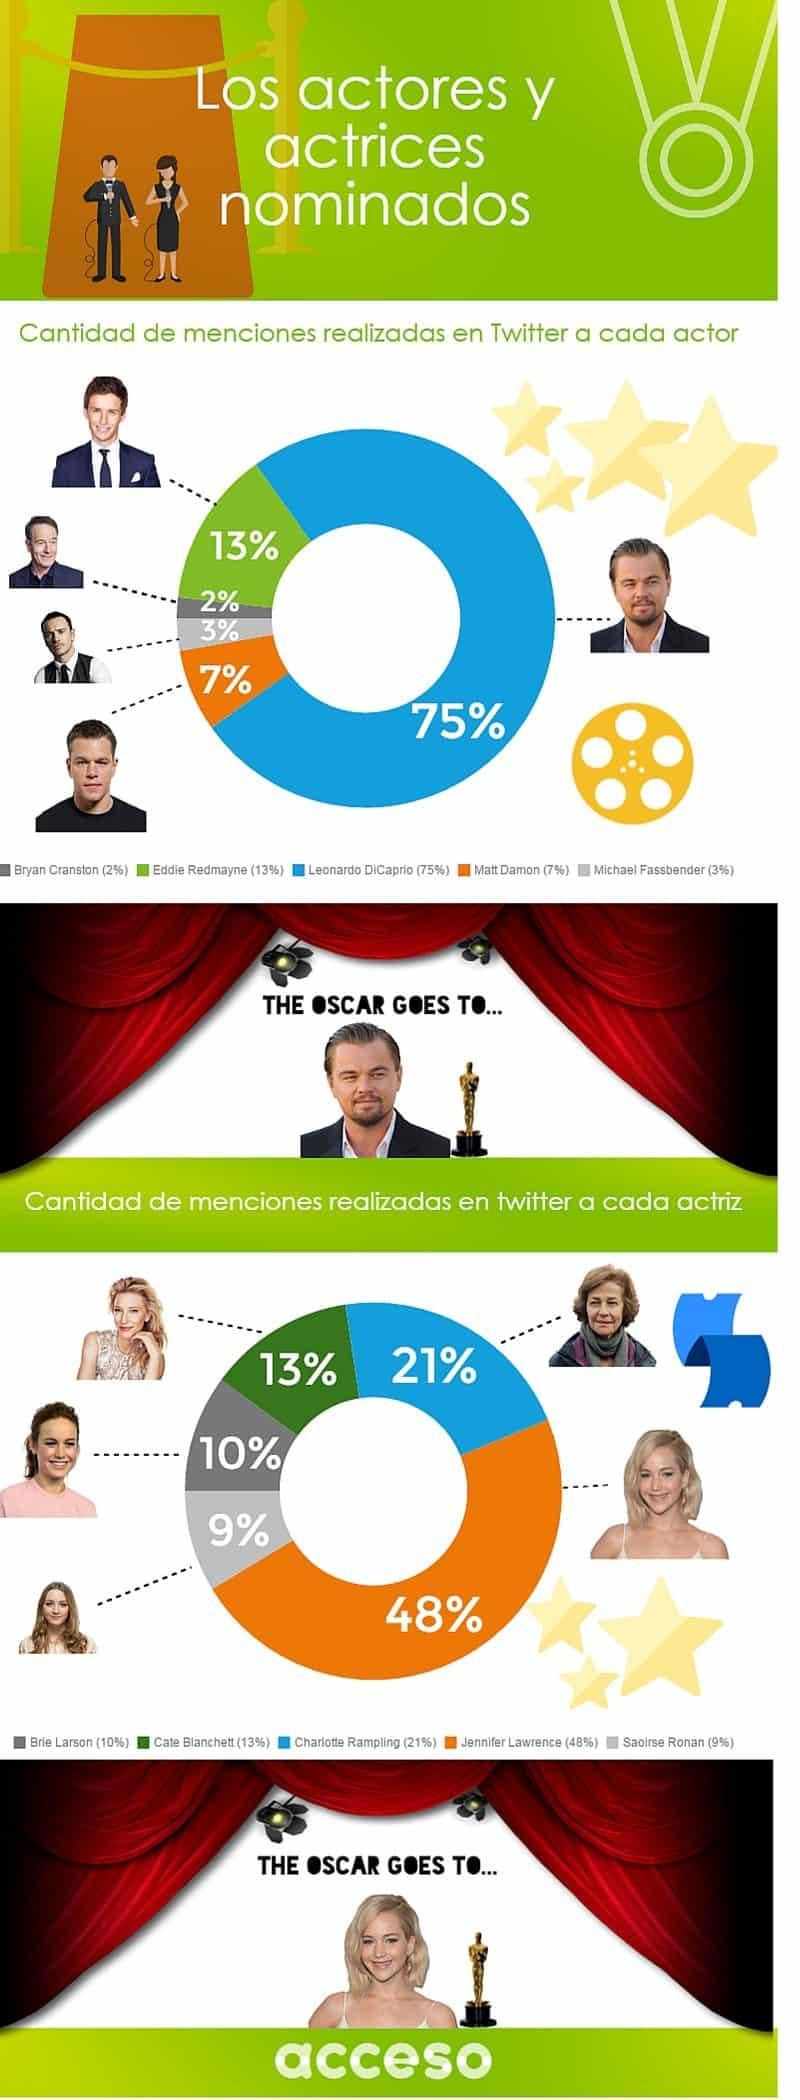 ¿Quién ganará el Oscar a mejor actor y actriz?